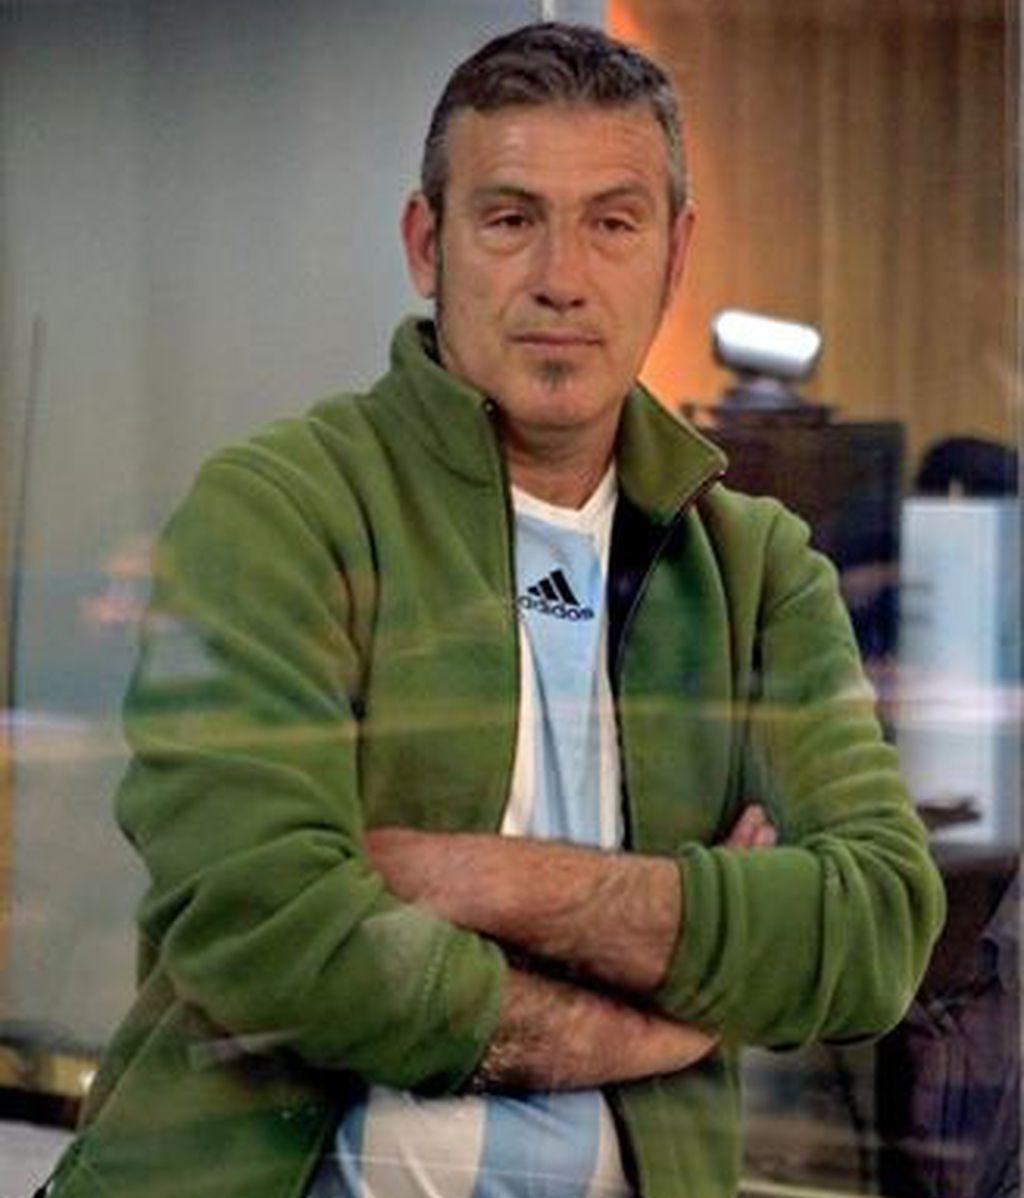 El exnúmero dos de ETA Félix Alberto López de la Calle Gauna, alias 'Mobutu', ha acudido este jueves con una camiseta de la selección argentina de fútbol al primer juicio que tiene que afrontar en España por el asesinato de tres guardias civiles durante una prueba ciclista celebrada el 4 de octubre de 1980 en Salvatierra (Álava)